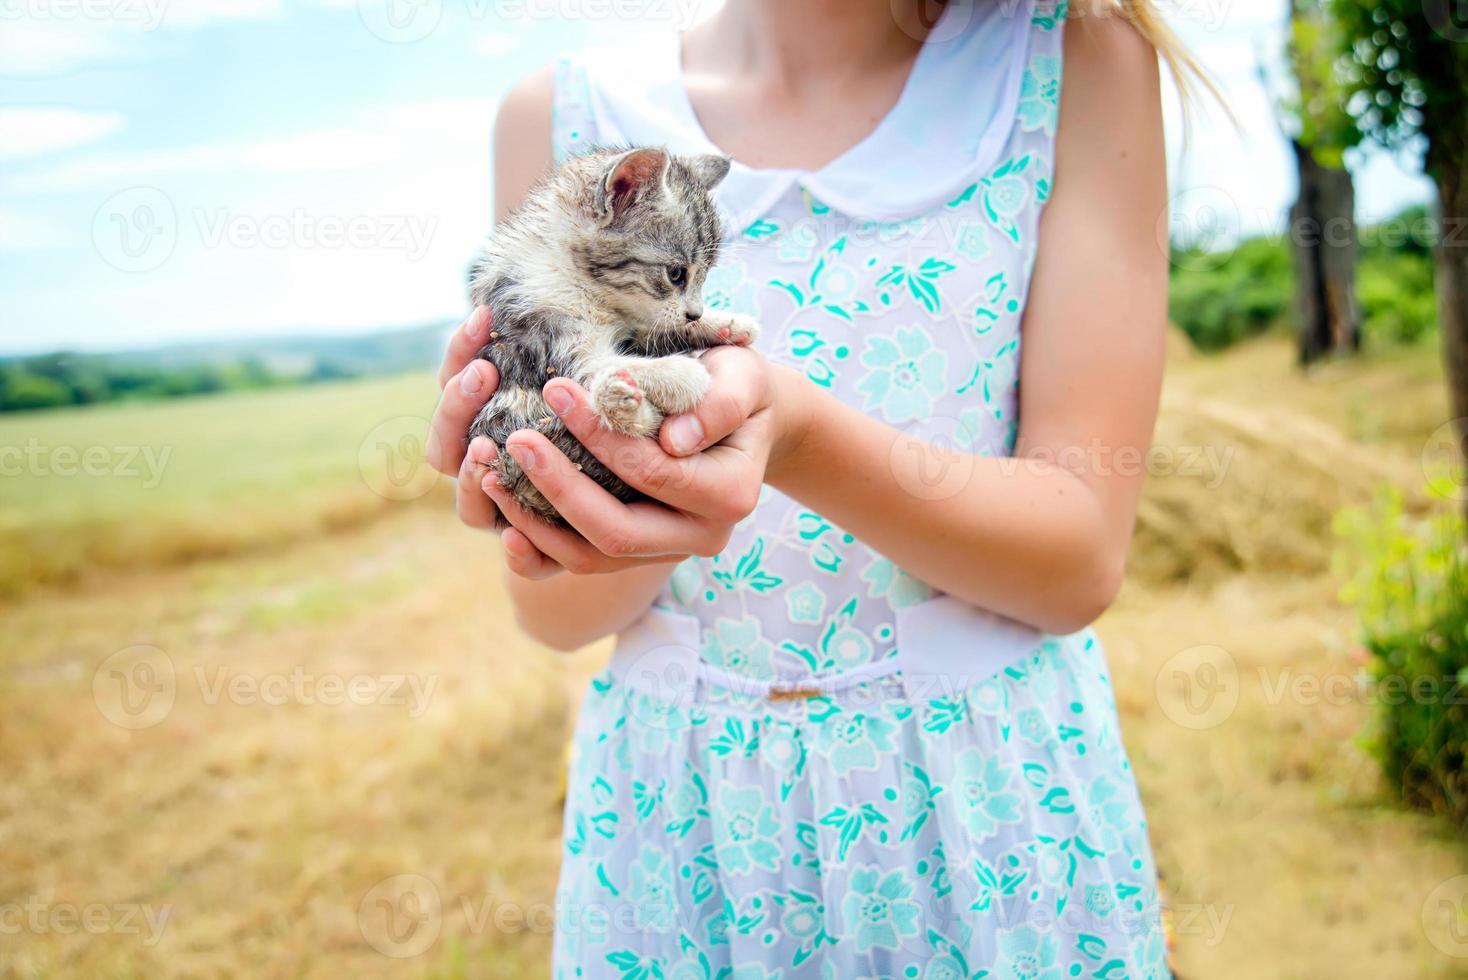 menina segurando um gatinho foto